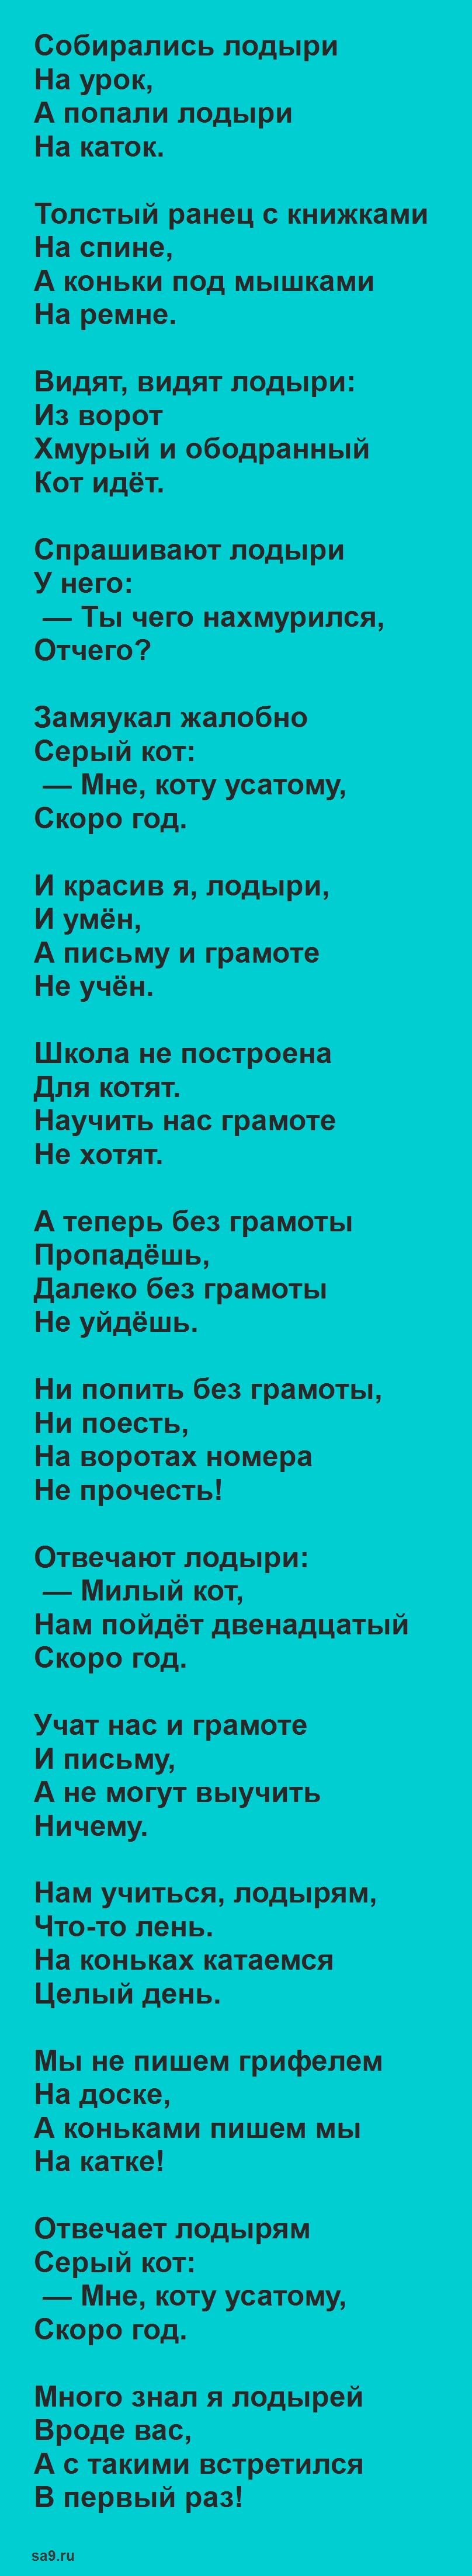 Стих Маршака - Кот и лодыри